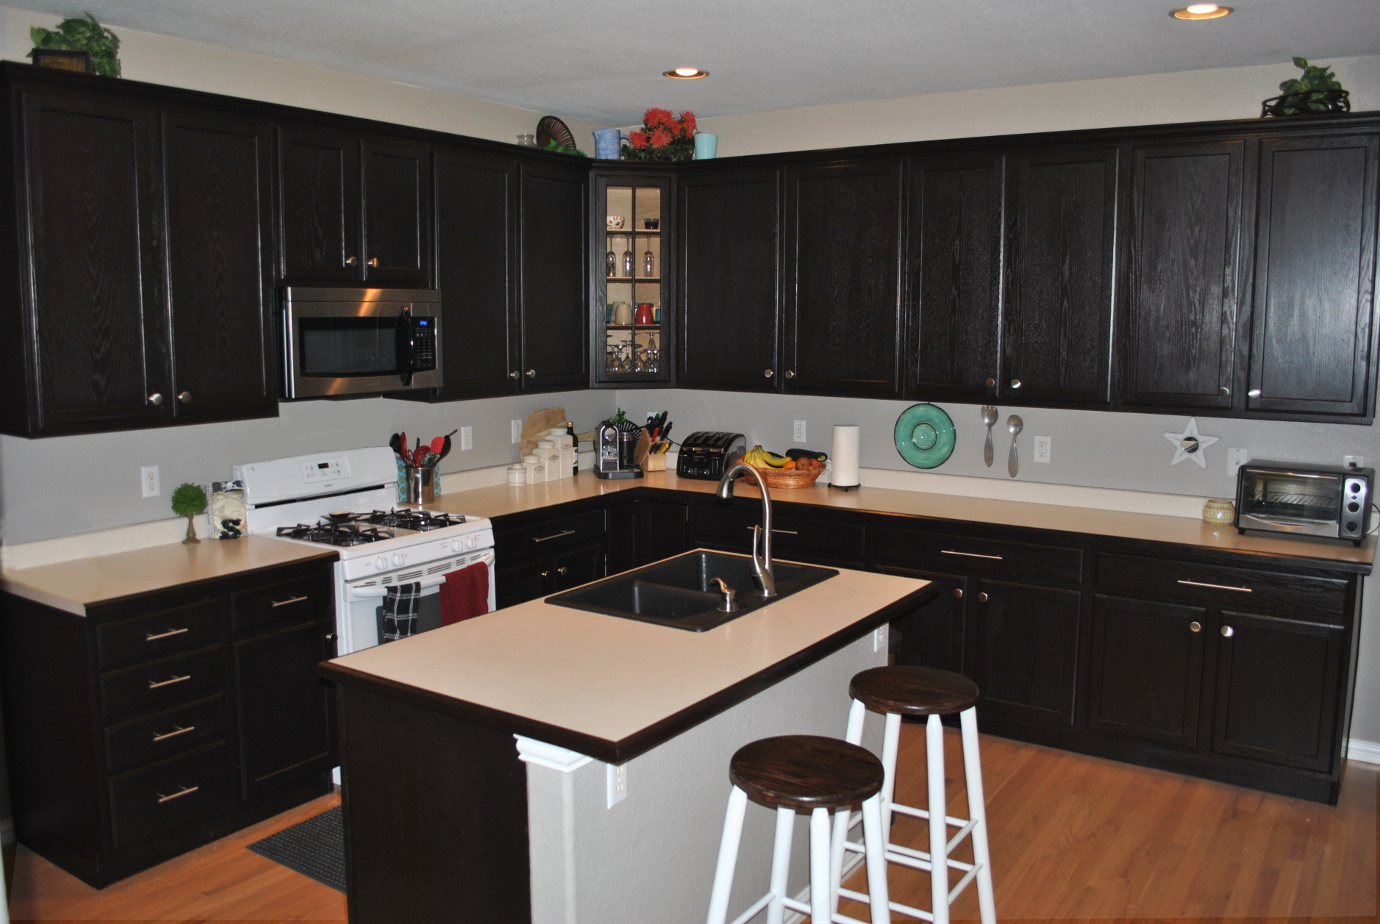 restaining-kitchen-cabinets-gel-stain-photo-11